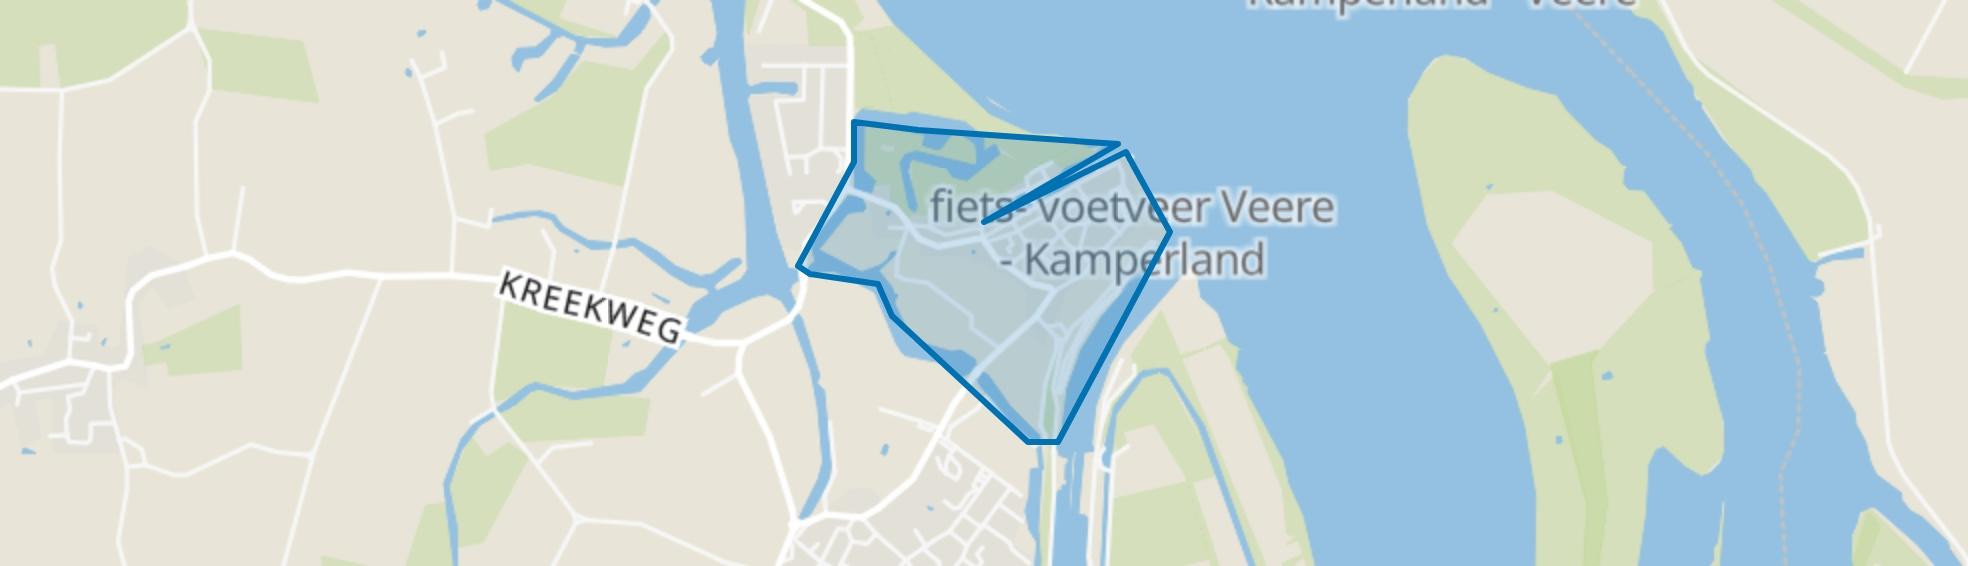 Veere, Veere map